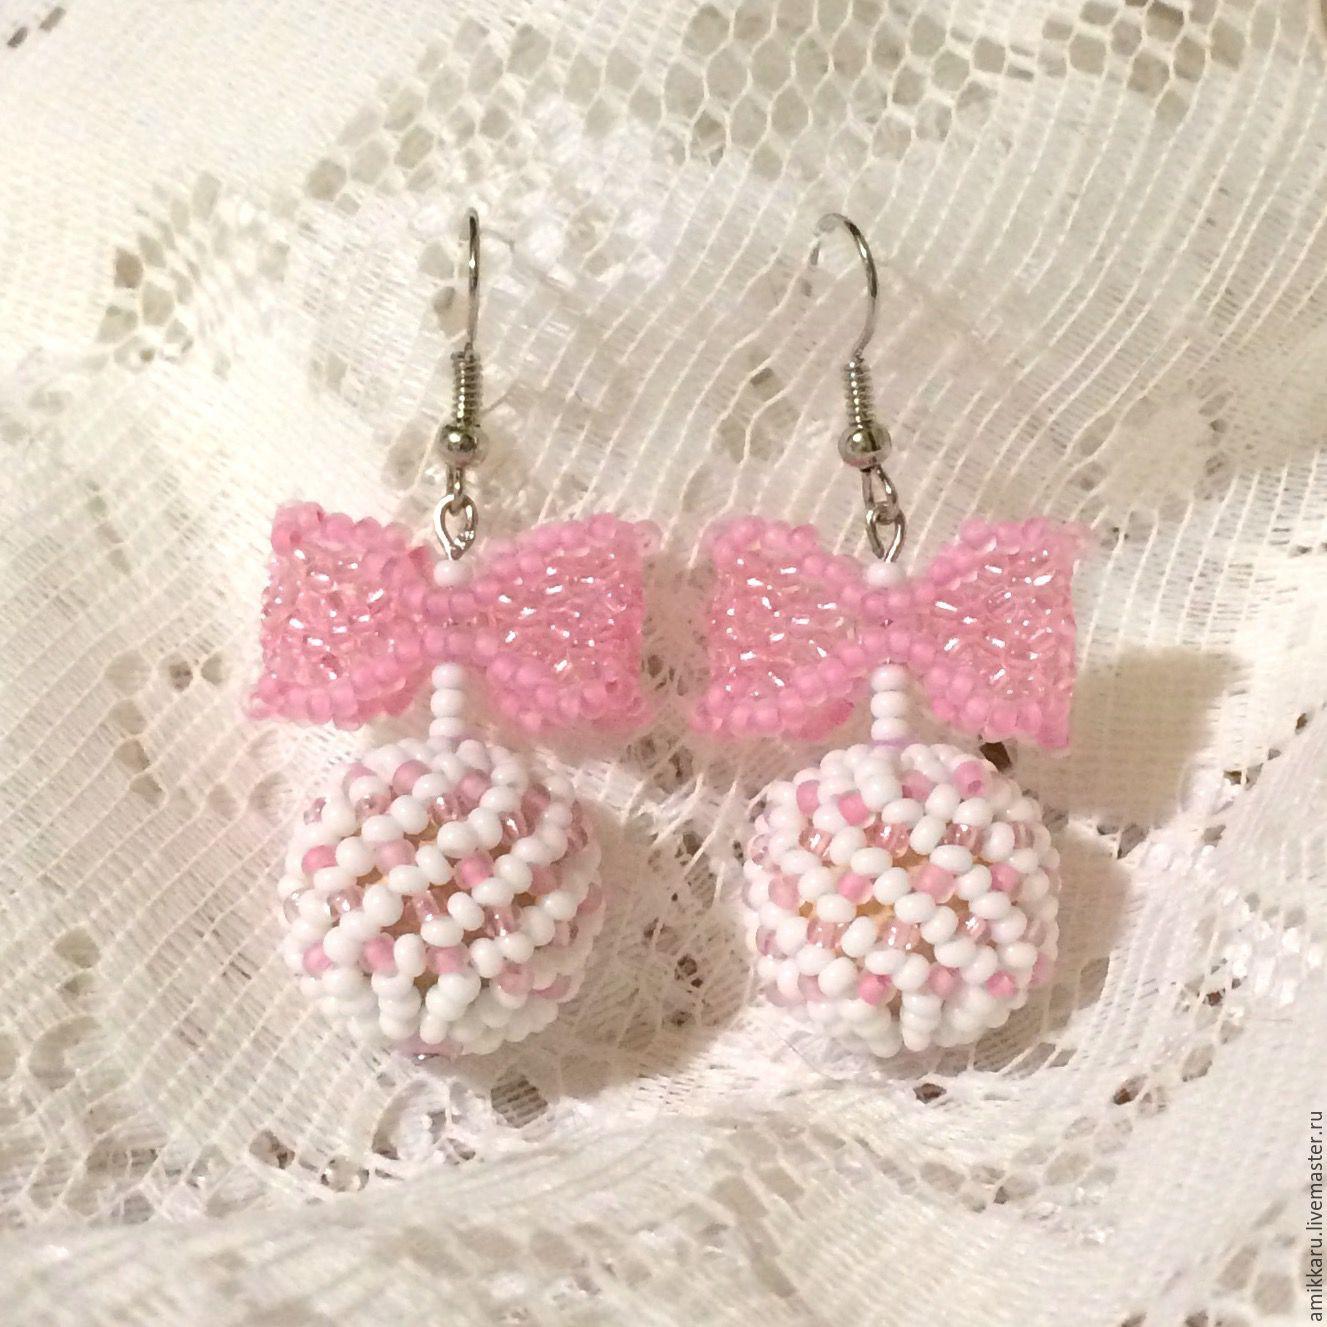 Earrings bow white shabby chic, Earrings, Kireevsk,  Фото №1